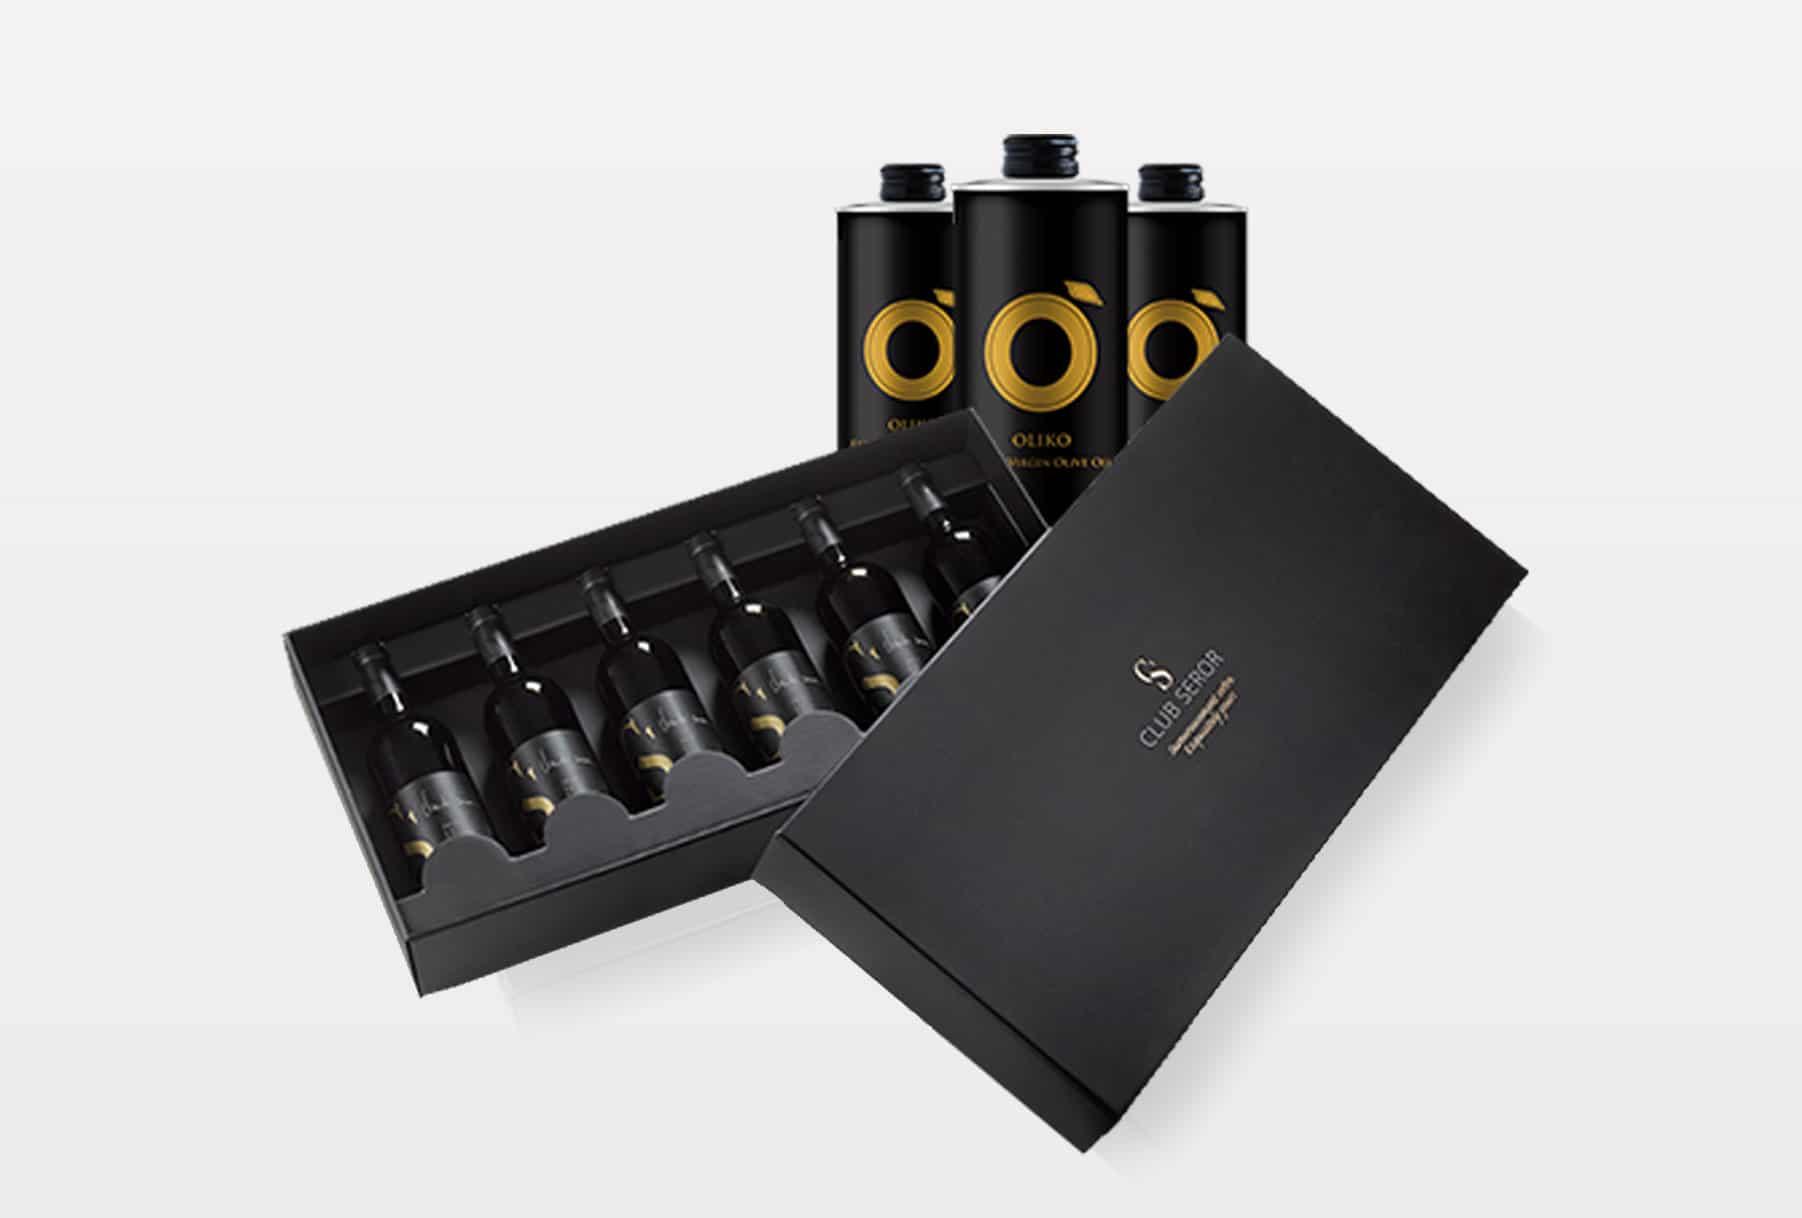 מארז בקבוקי יין של חבקת סרור מסדרת CLUB SEROR. האריזה היא בצבע שחור מקרטון גלי עבה וקרטון דחוס ומכילה 6 בקבוקים. מתנה ייחודית לאוהבי יין. יש למינציה, הבלטה ולכה על המארז